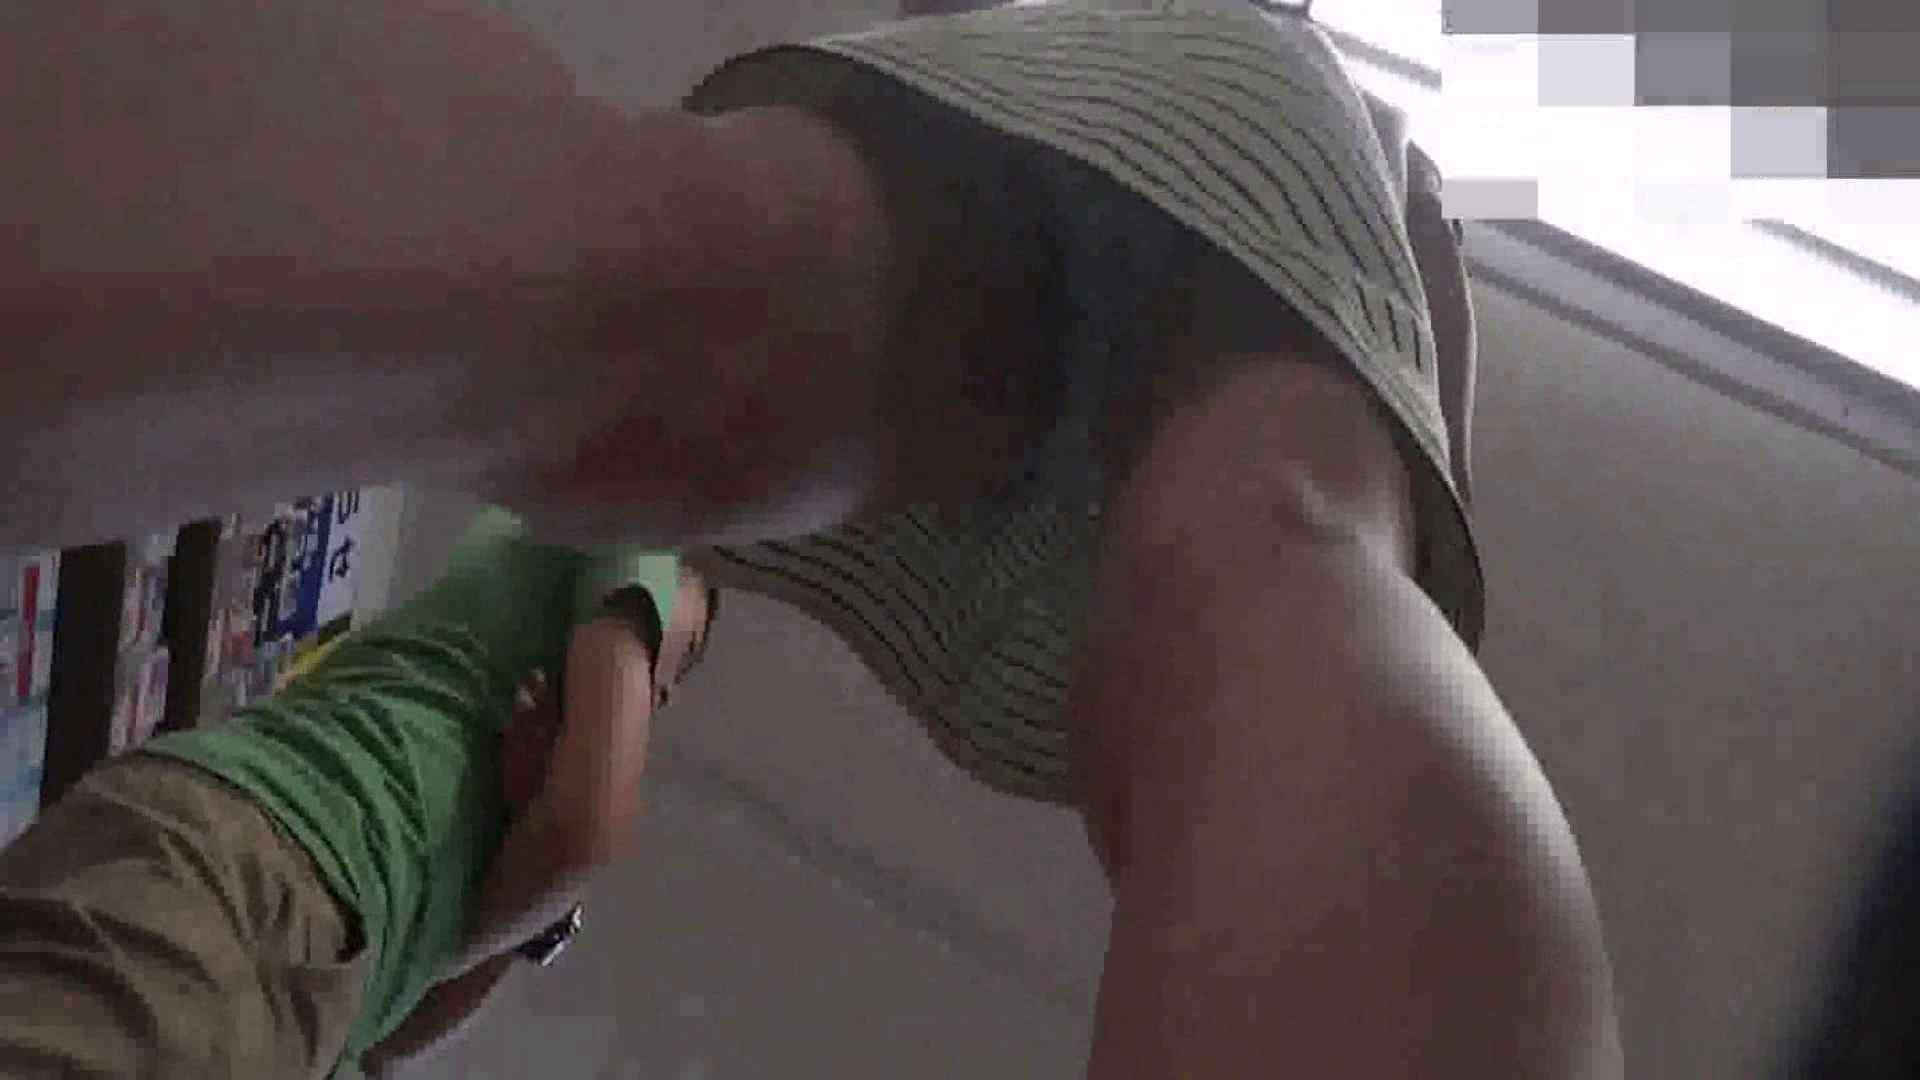 真剣に買い物中のgal達を上から下から狙います。vol.01 JK | 美女OL  48連発 23